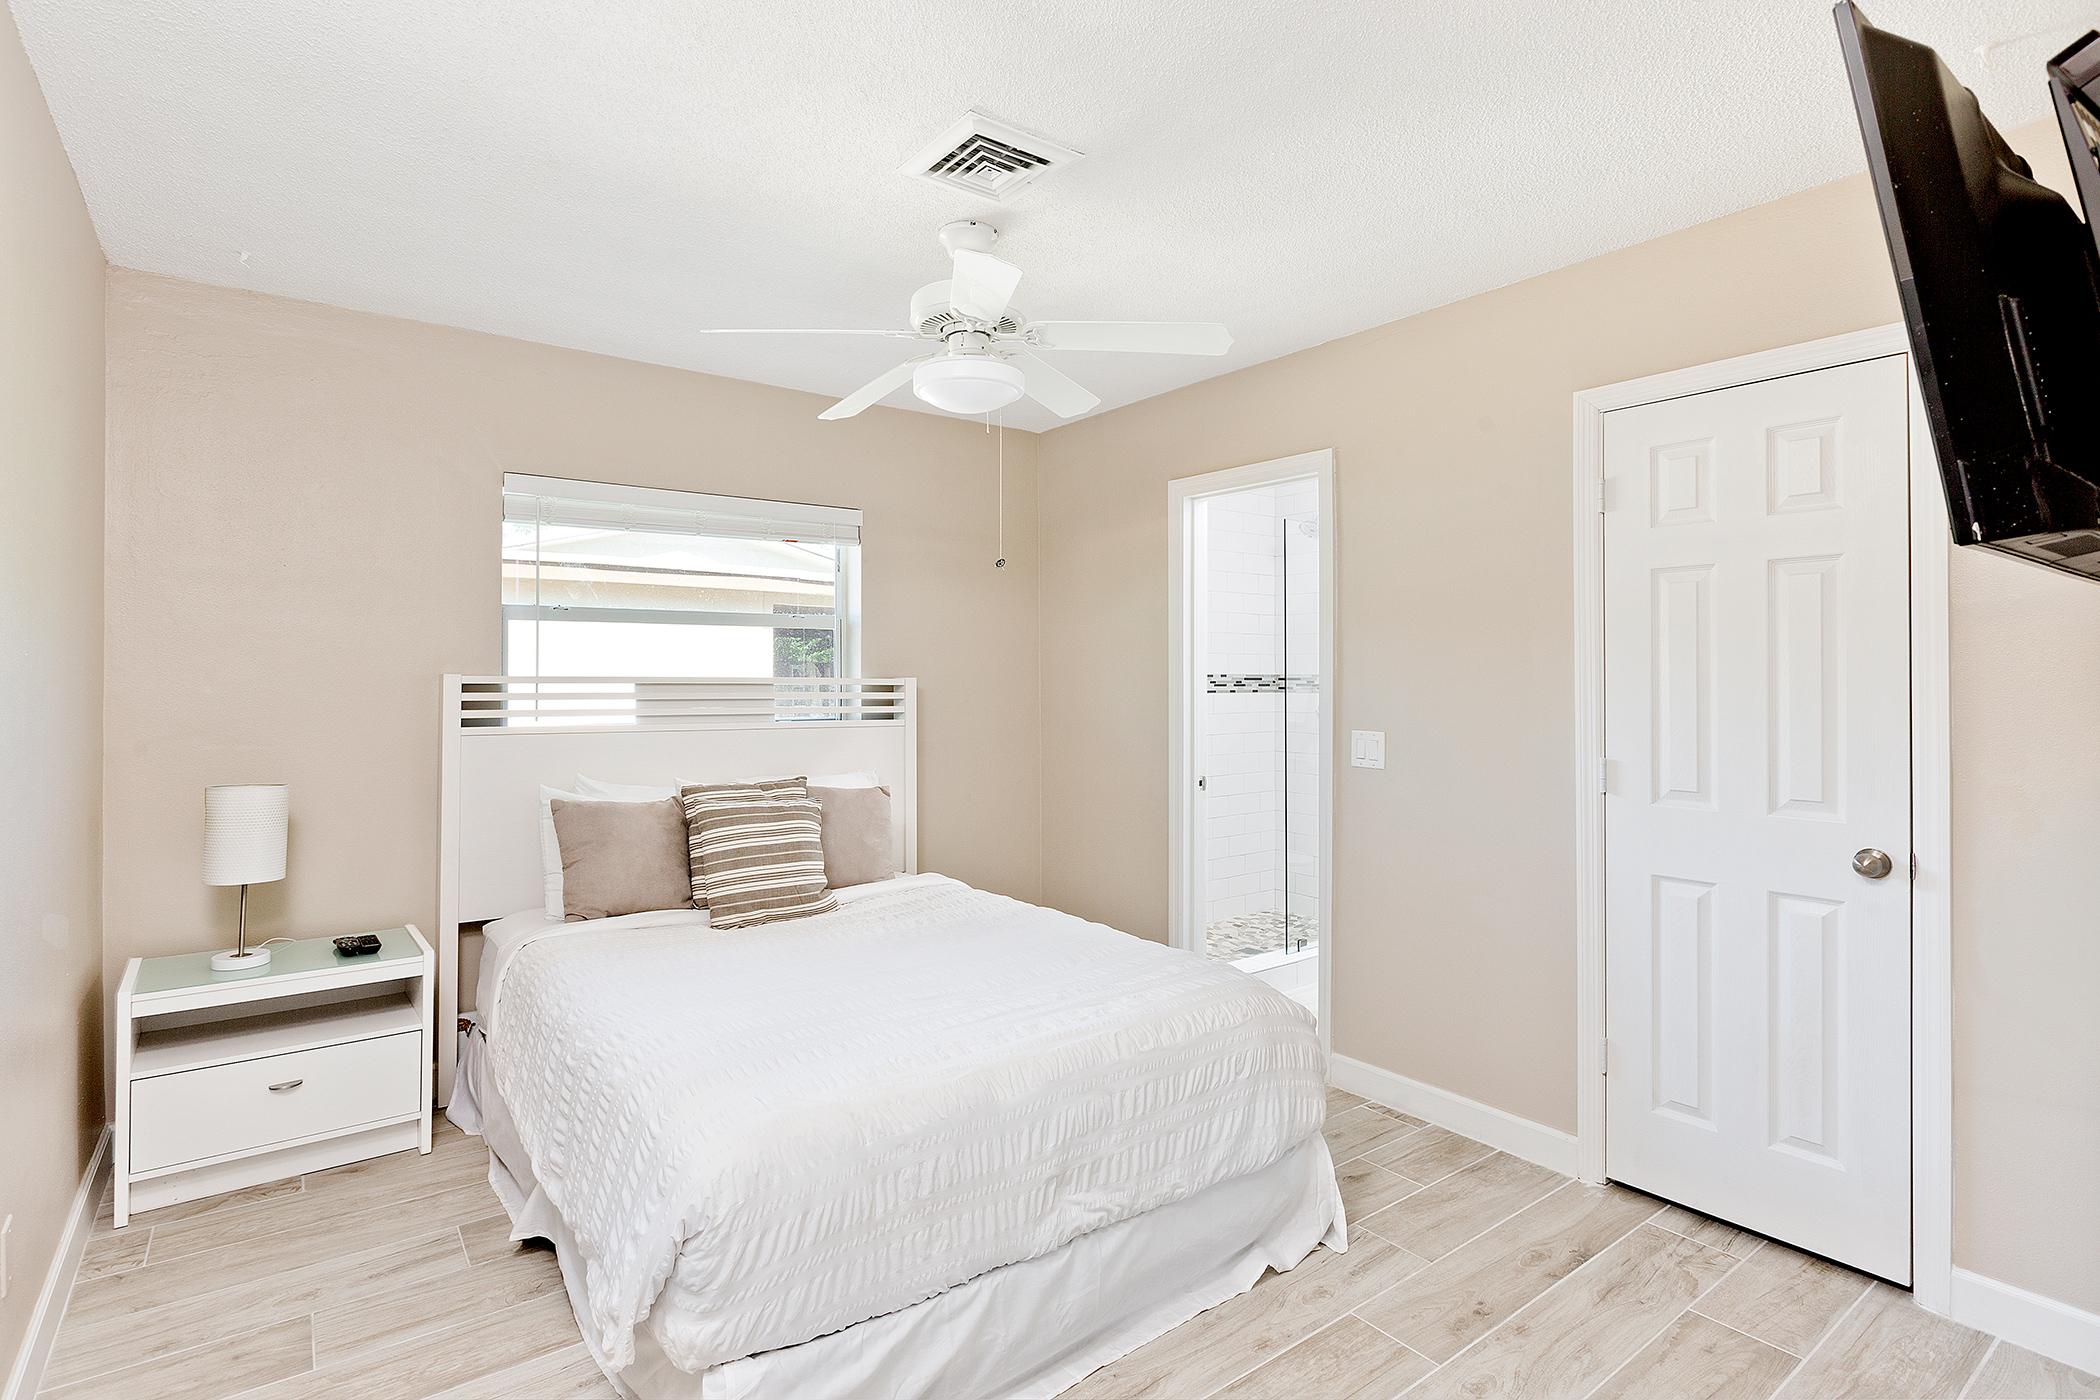 18_Bedroom2